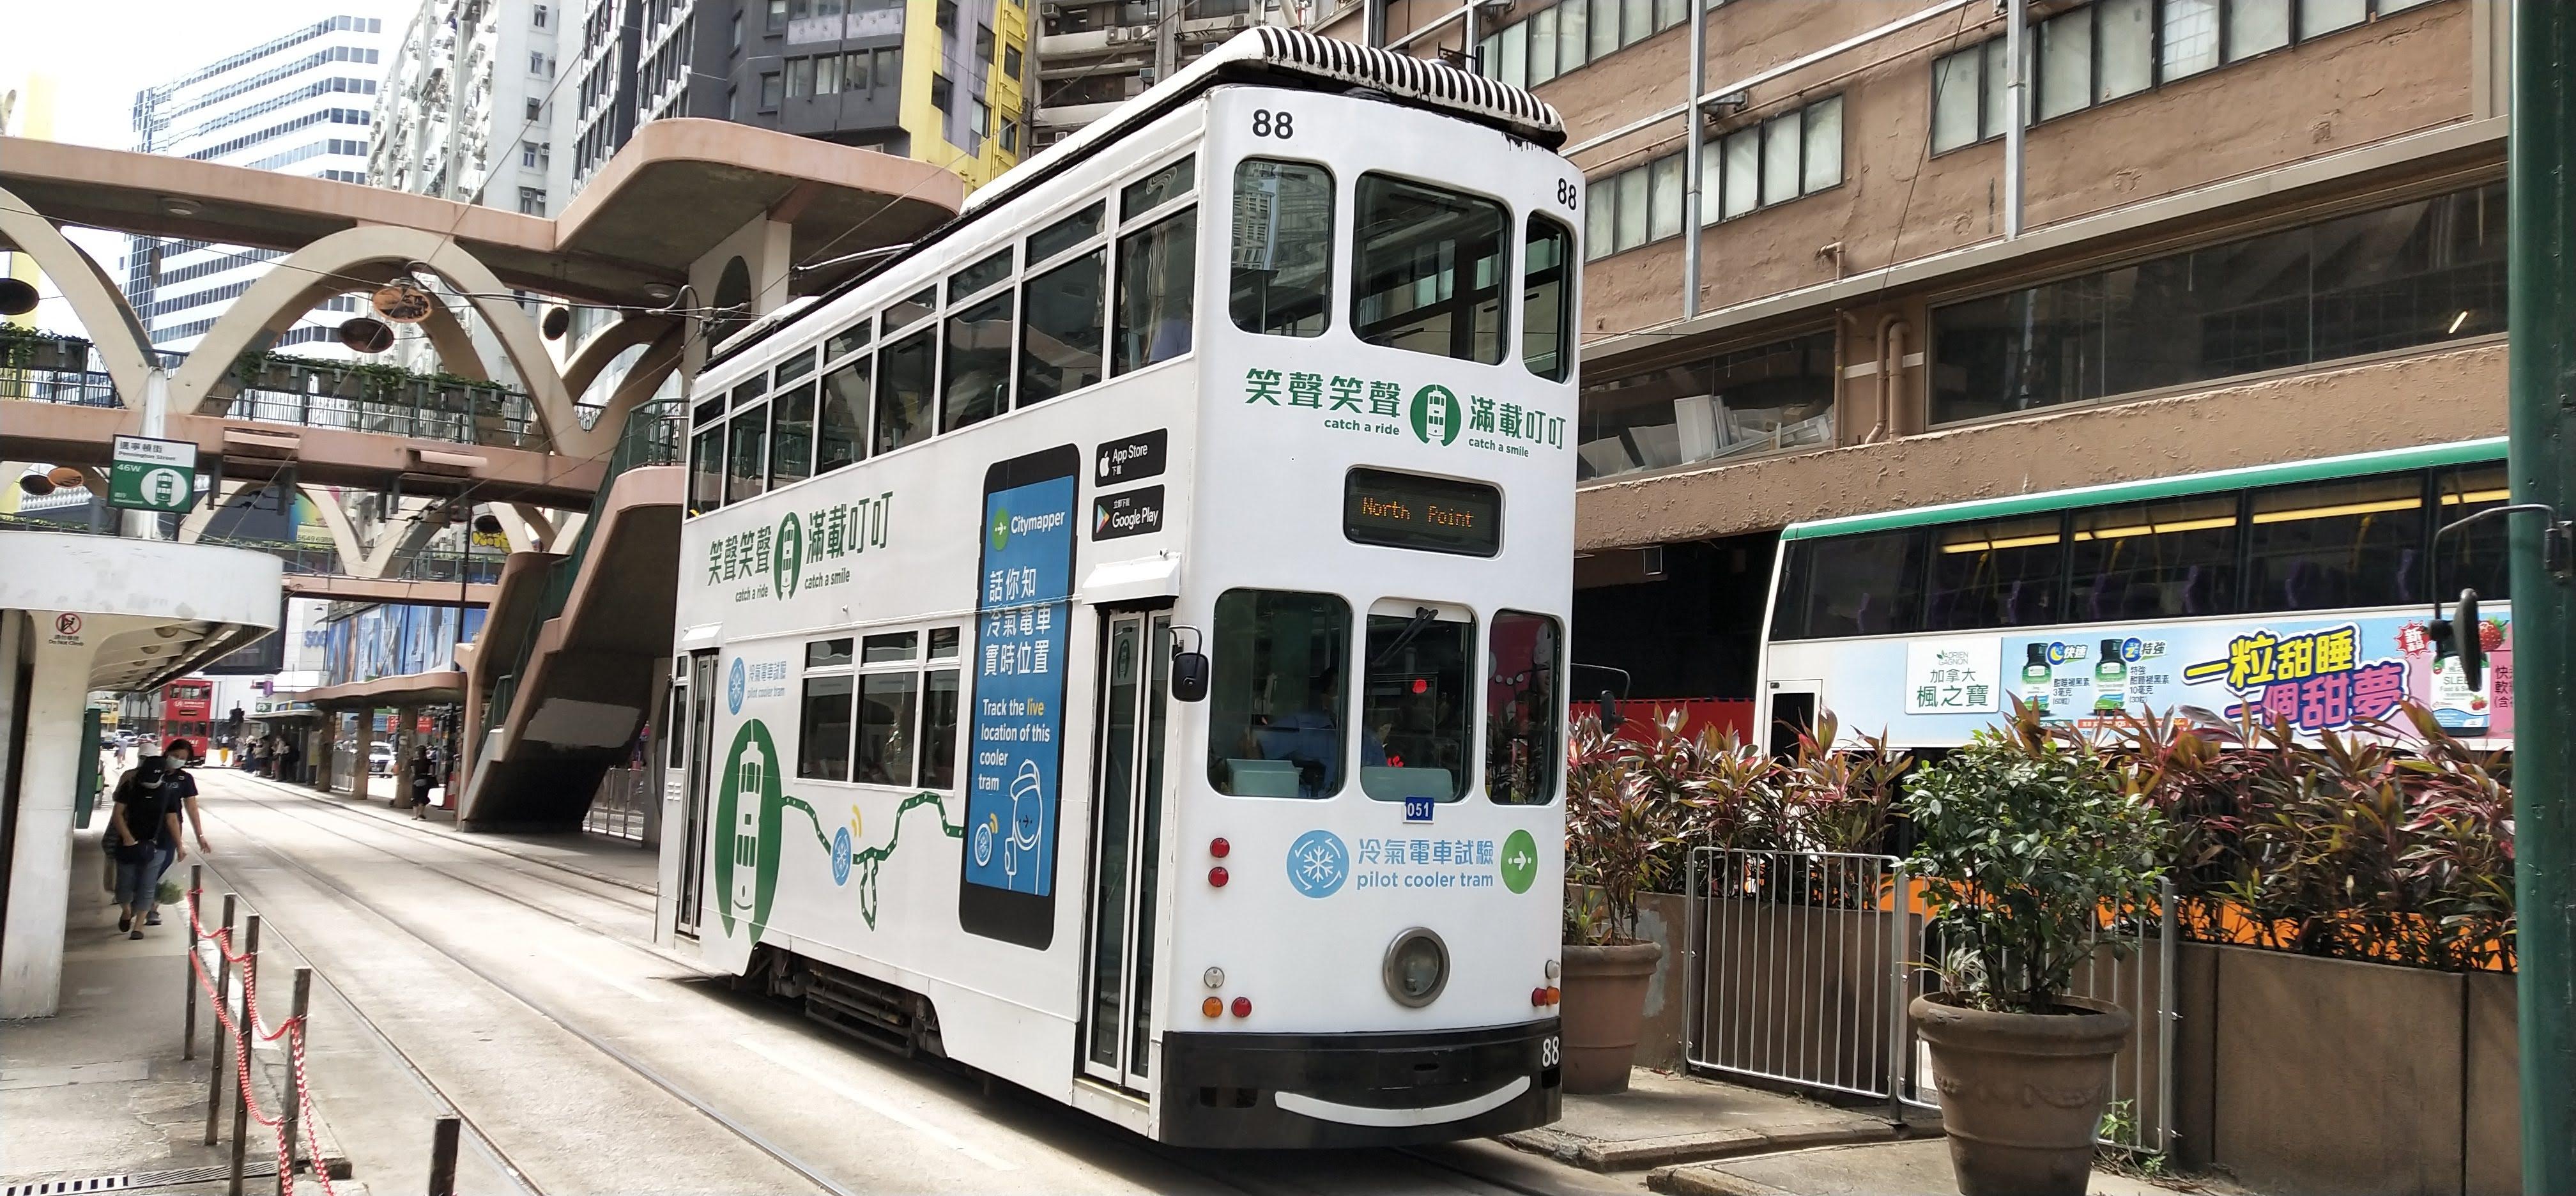 Hong Kong Tramway gets a Guinness World Record.